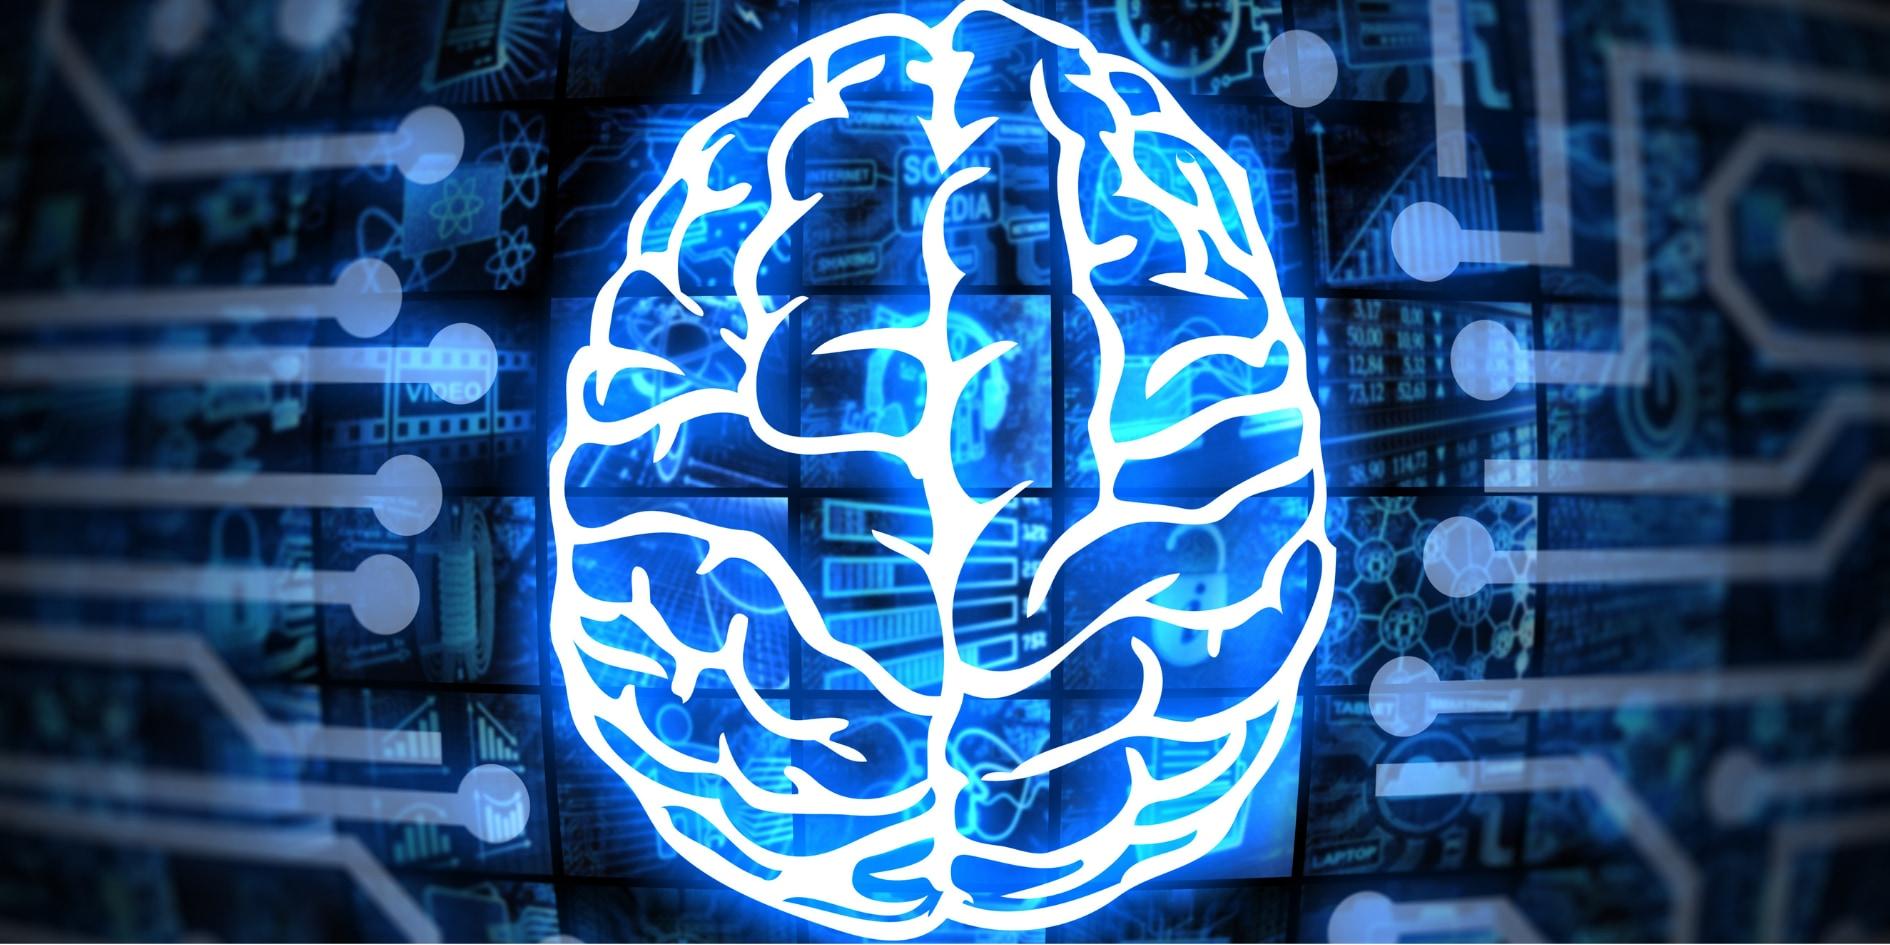 「ええっと」と言葉がとまるとき脳で何が起きているか?